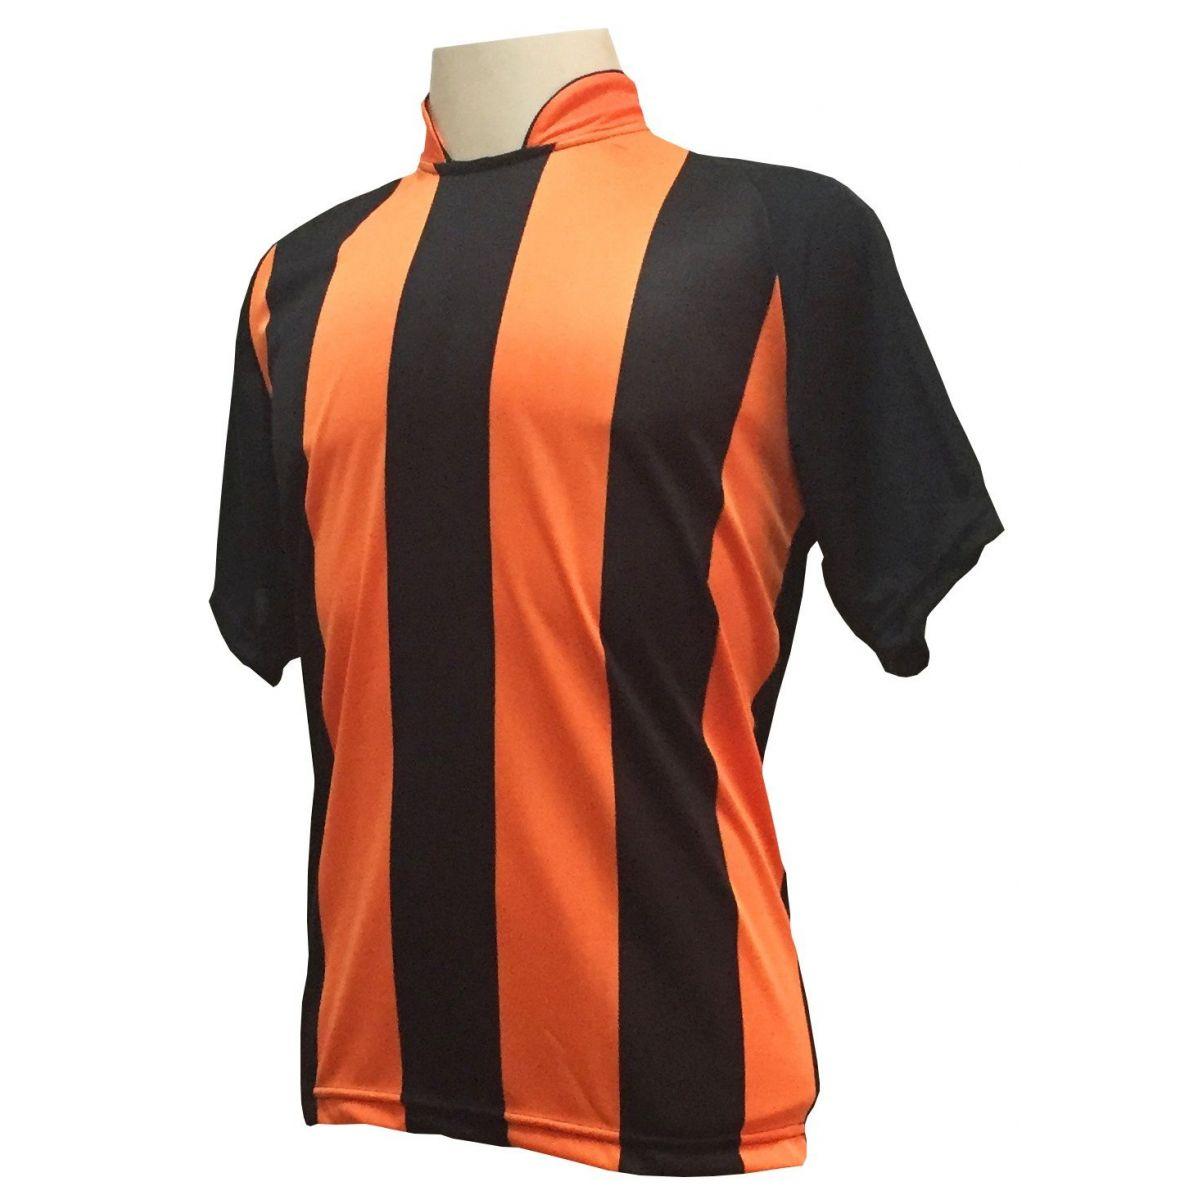 Uniforme Esportivo com 12 Camisas modelo Milan Preto/Laranja + 12 Calções modelo Madrid Preto  - ESTAÇÃO DO ESPORTE